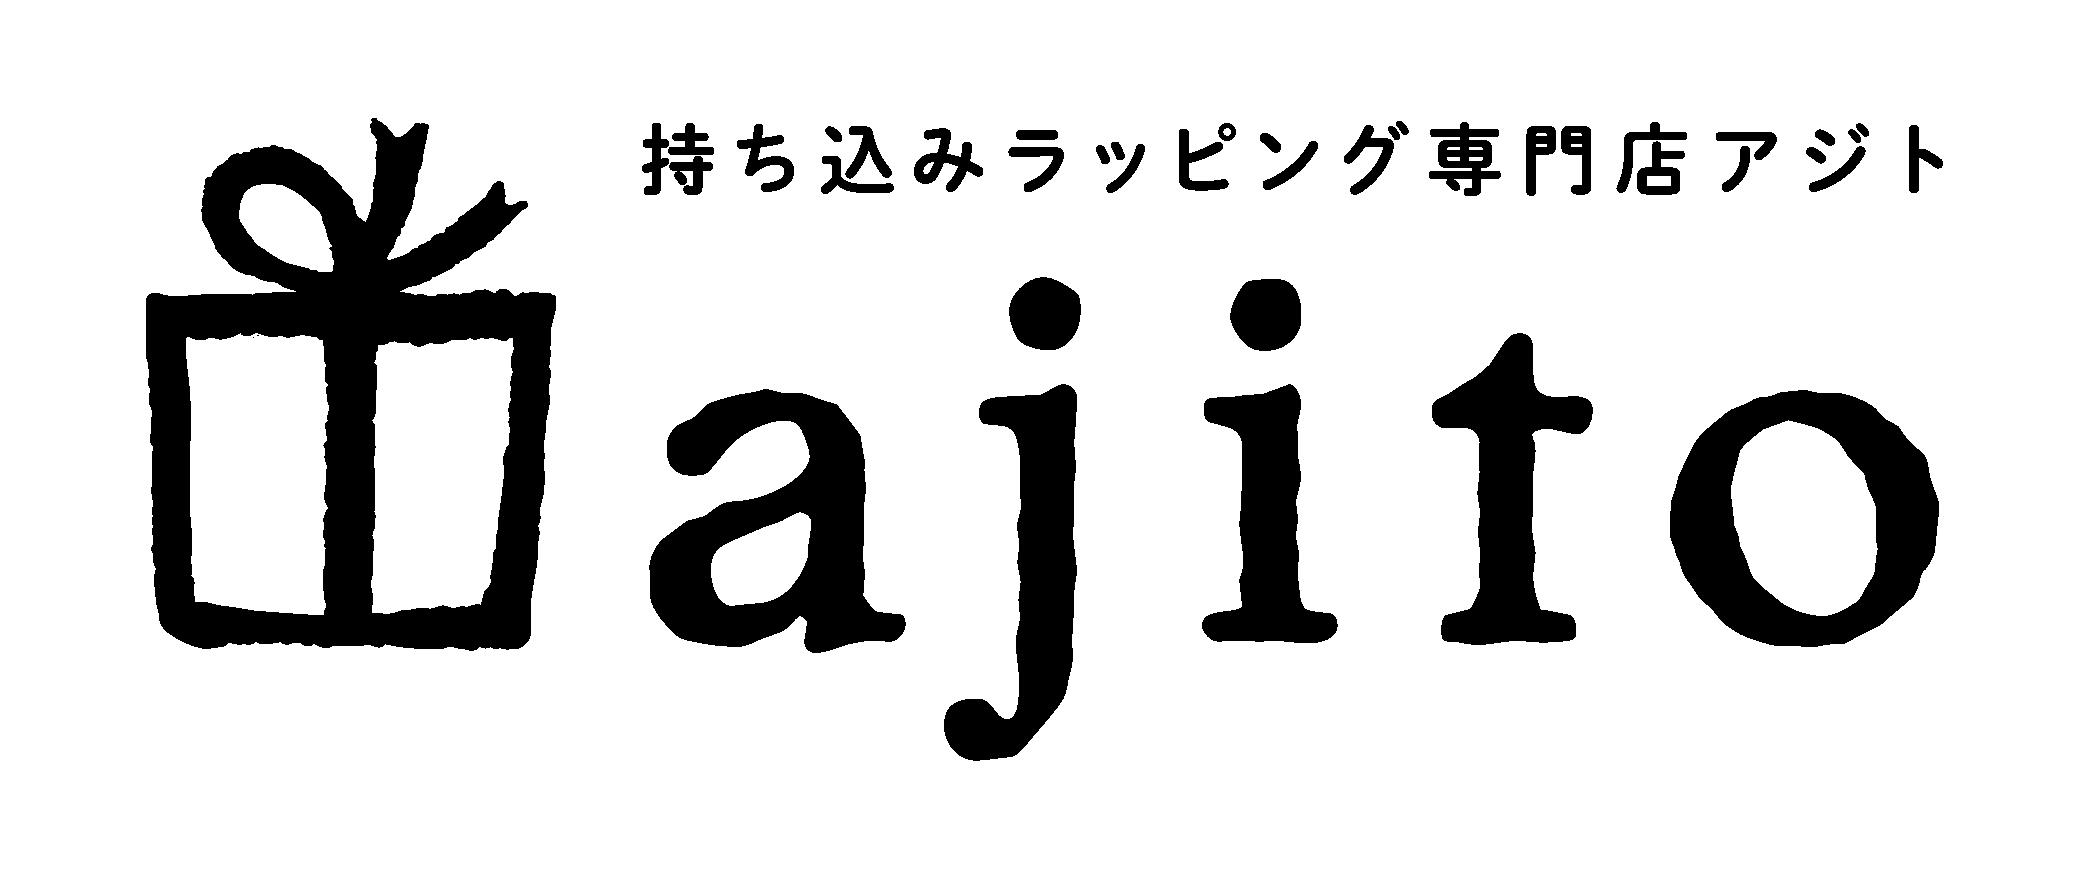 持ち込みラッピング専門店アジト